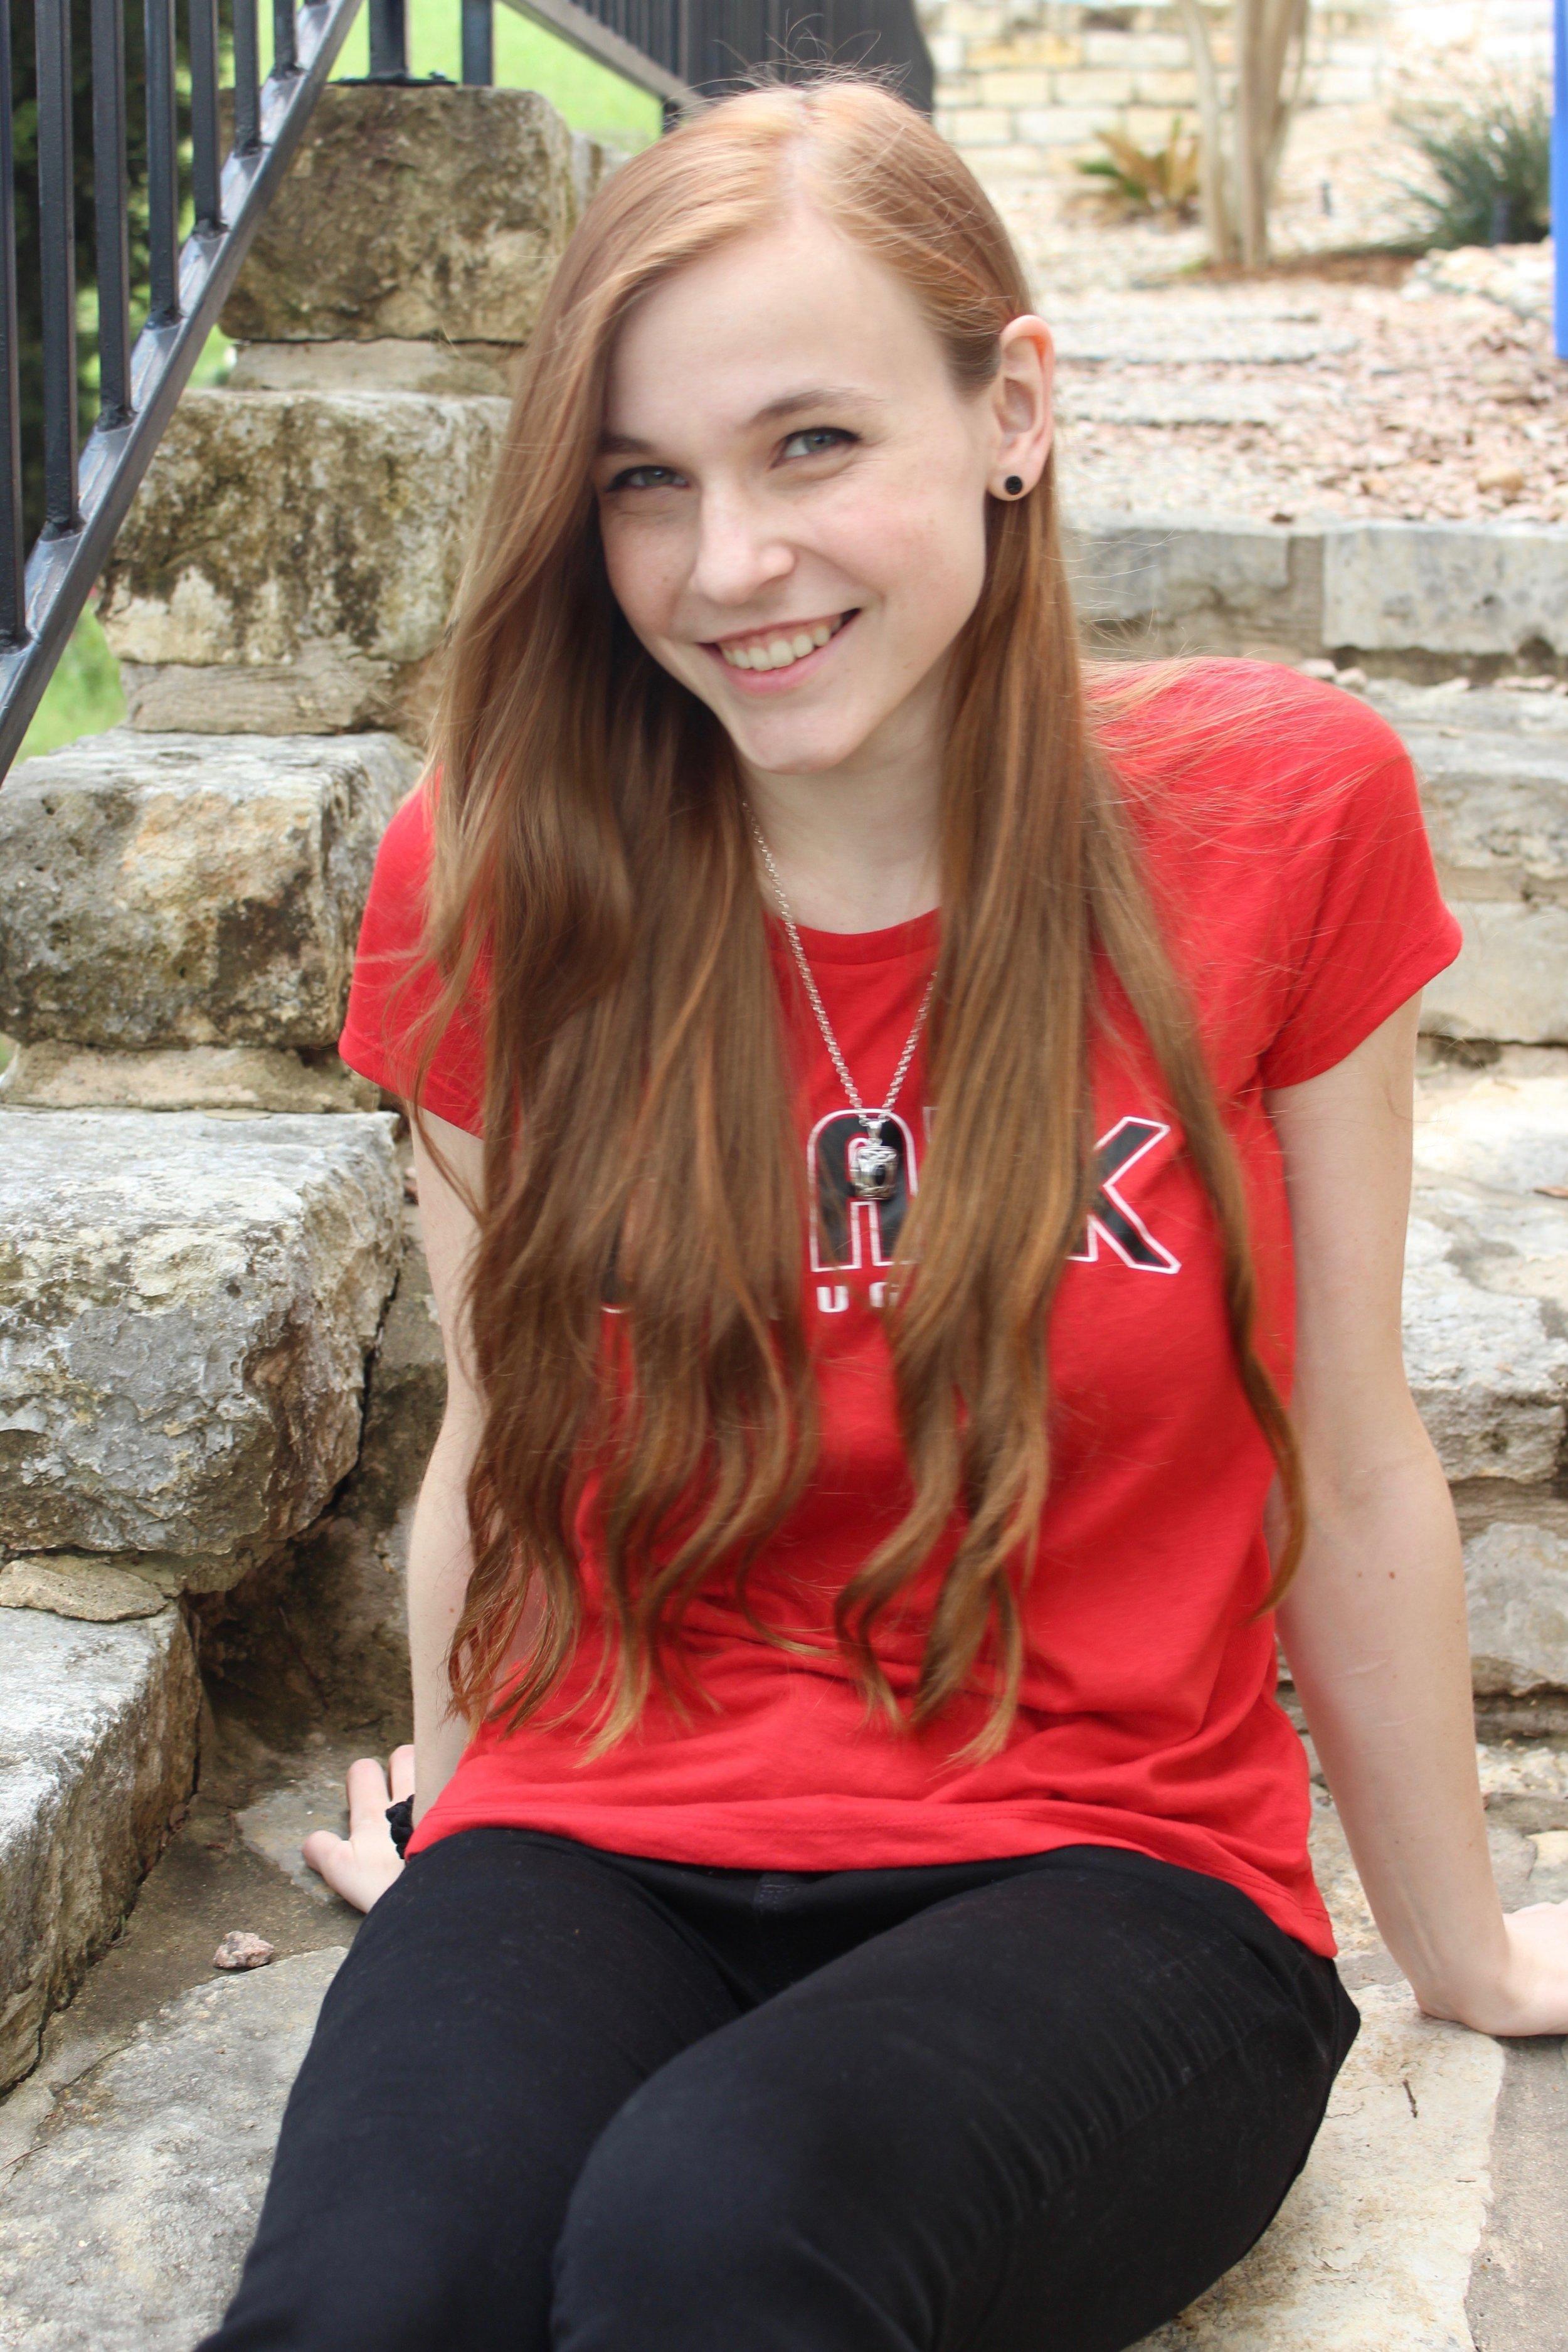 Caitlin Waugh